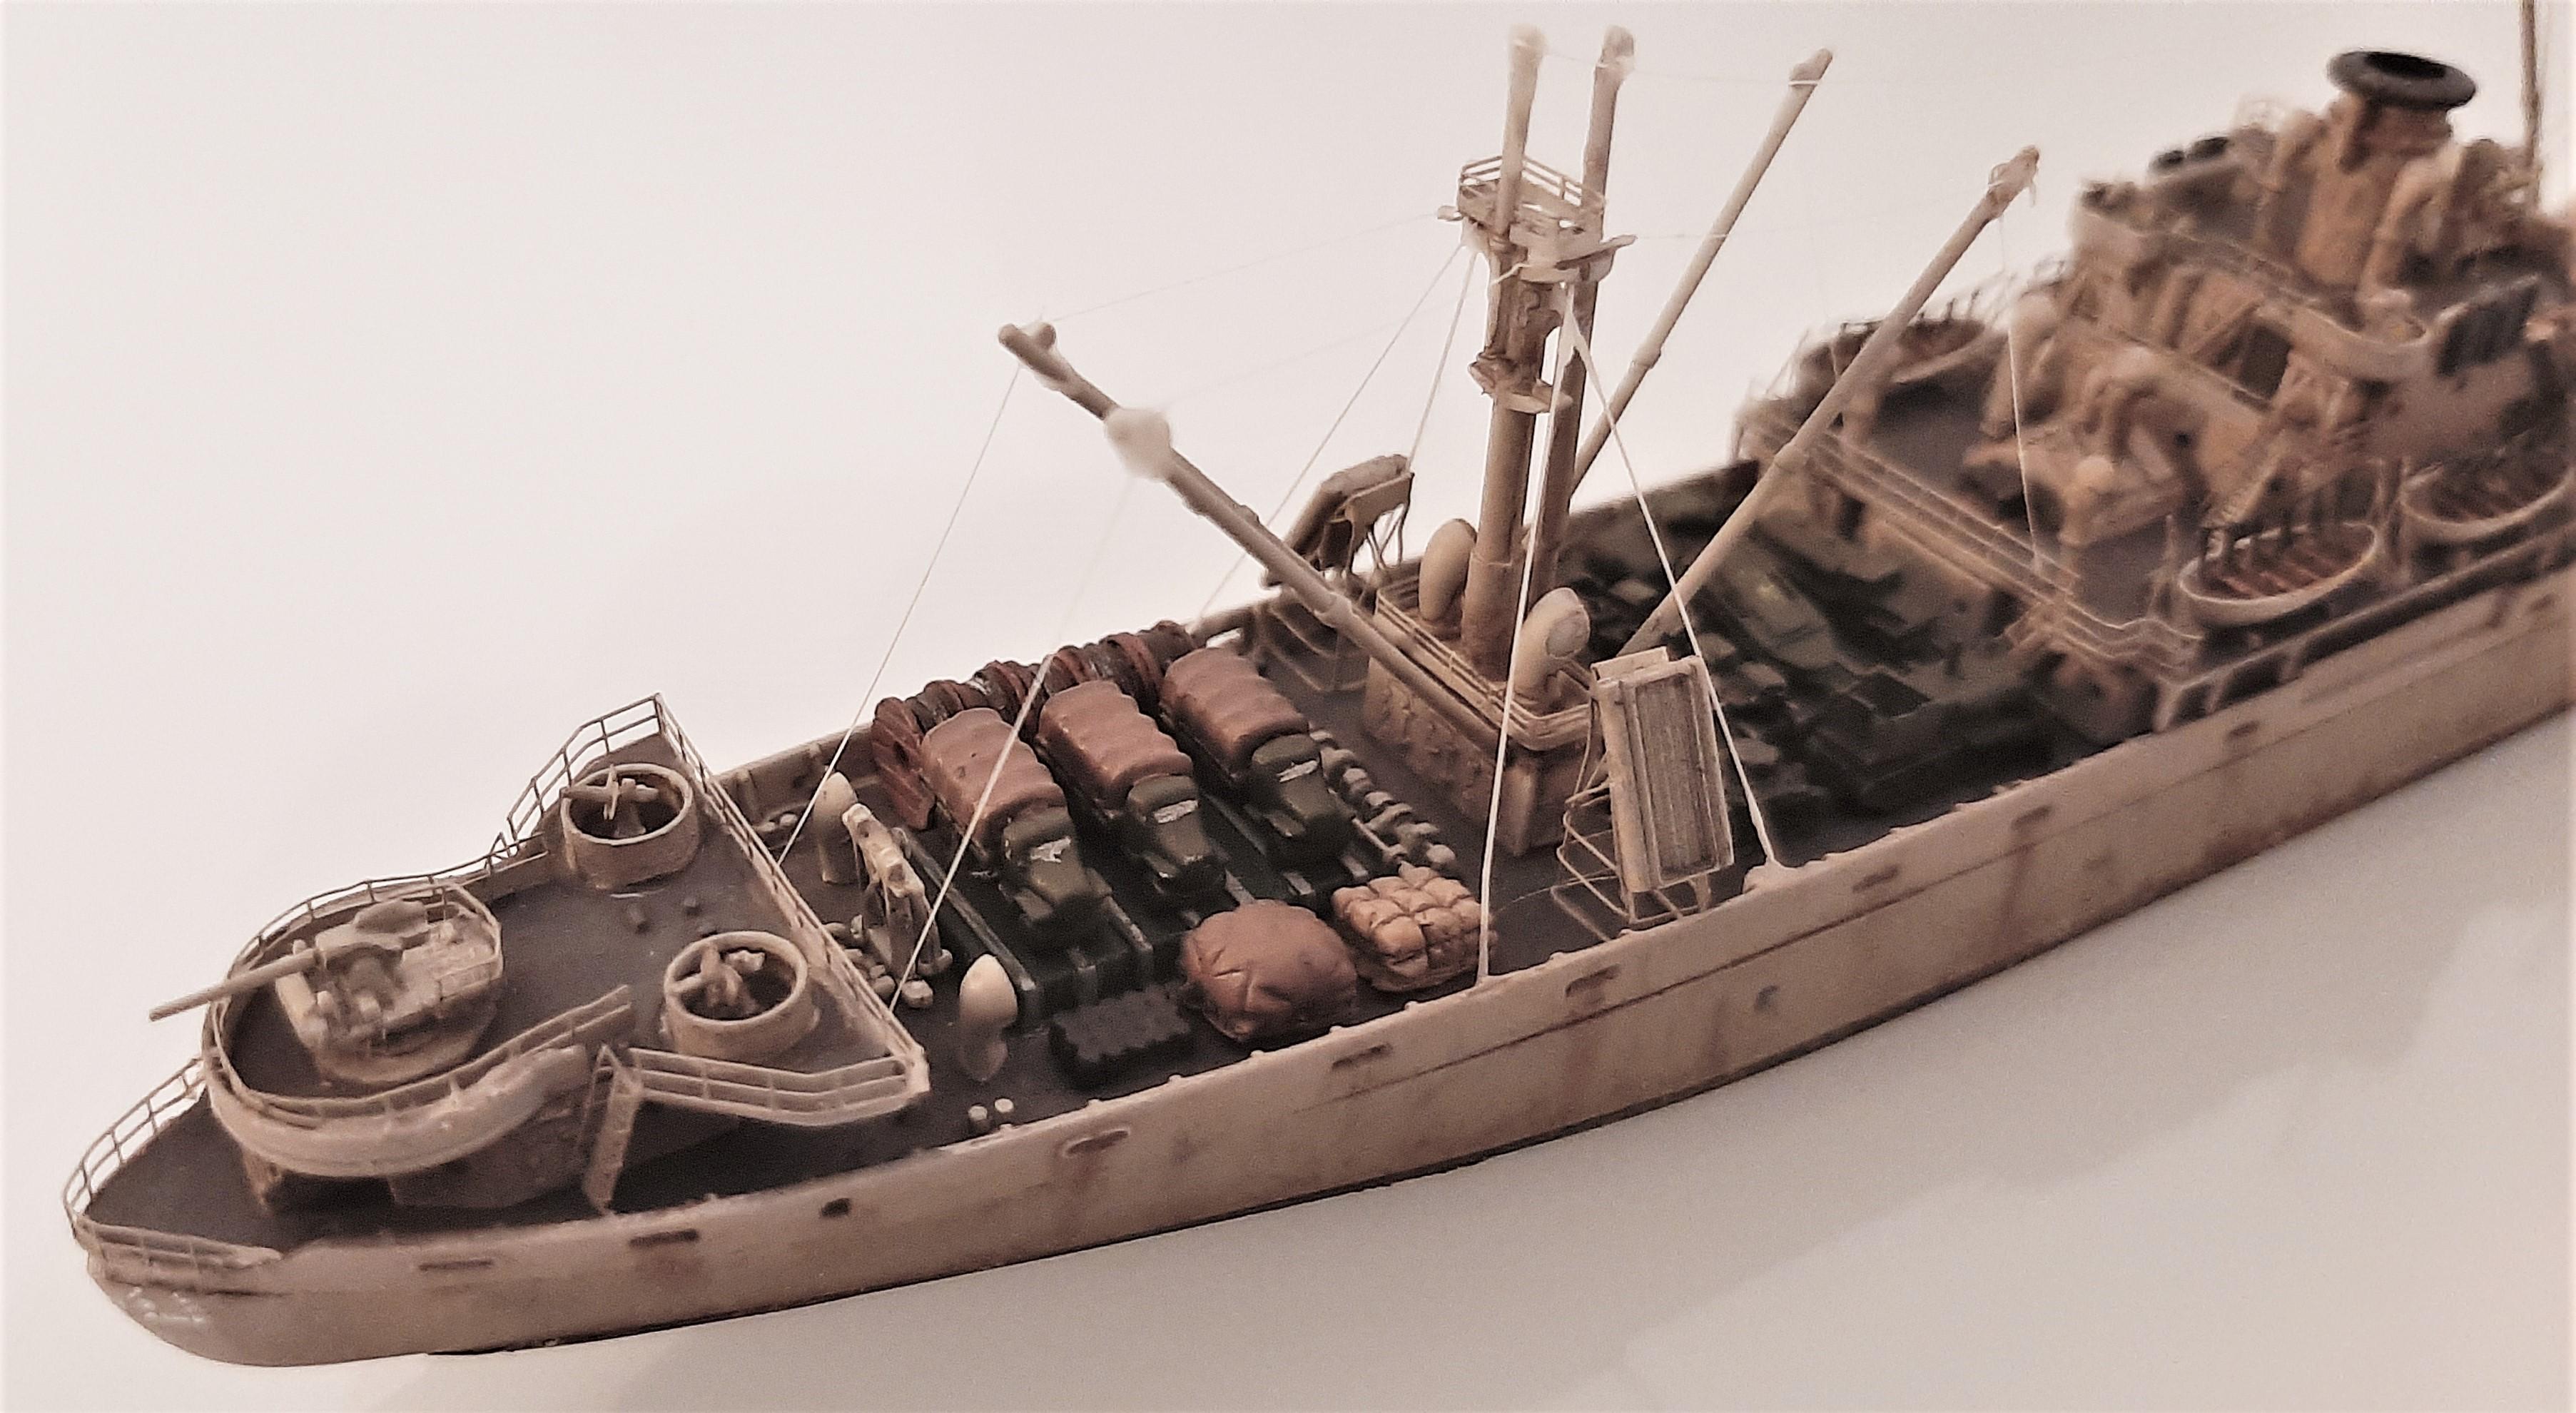 Liberty ship Jeremiah O'Brien 1/700 Trumpeter  SHPImO40v